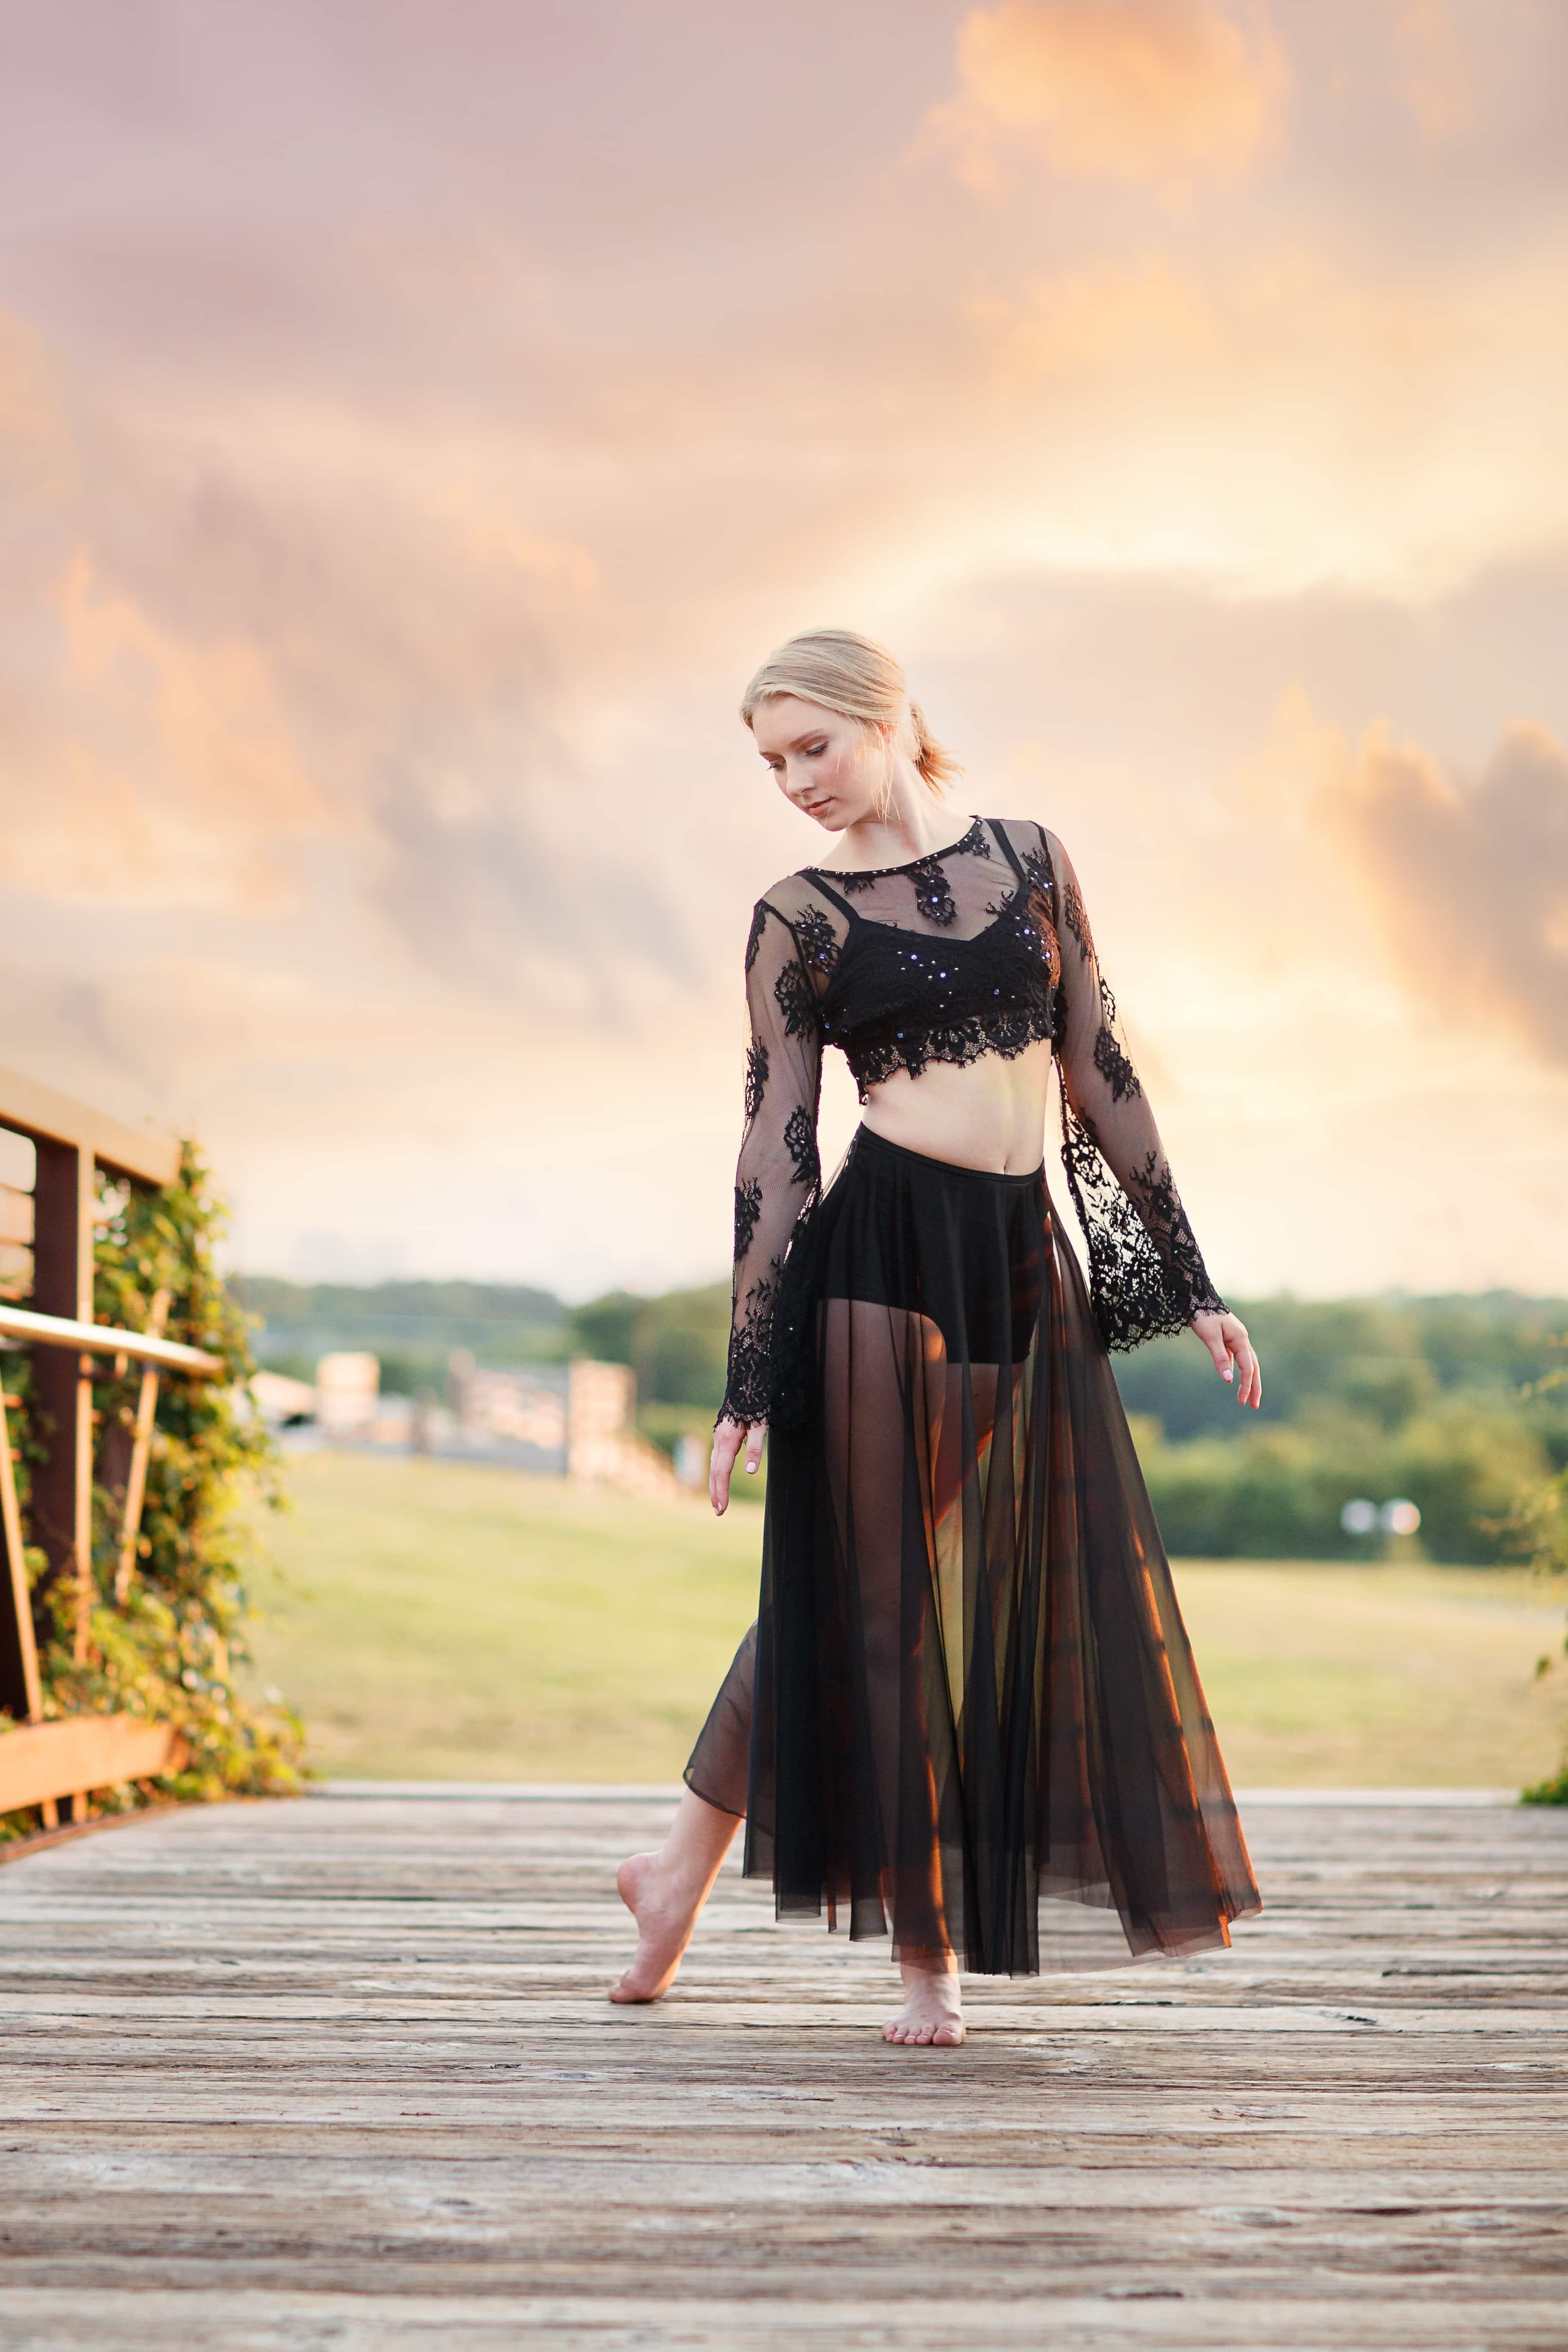 senior girl dancer in black at sunset